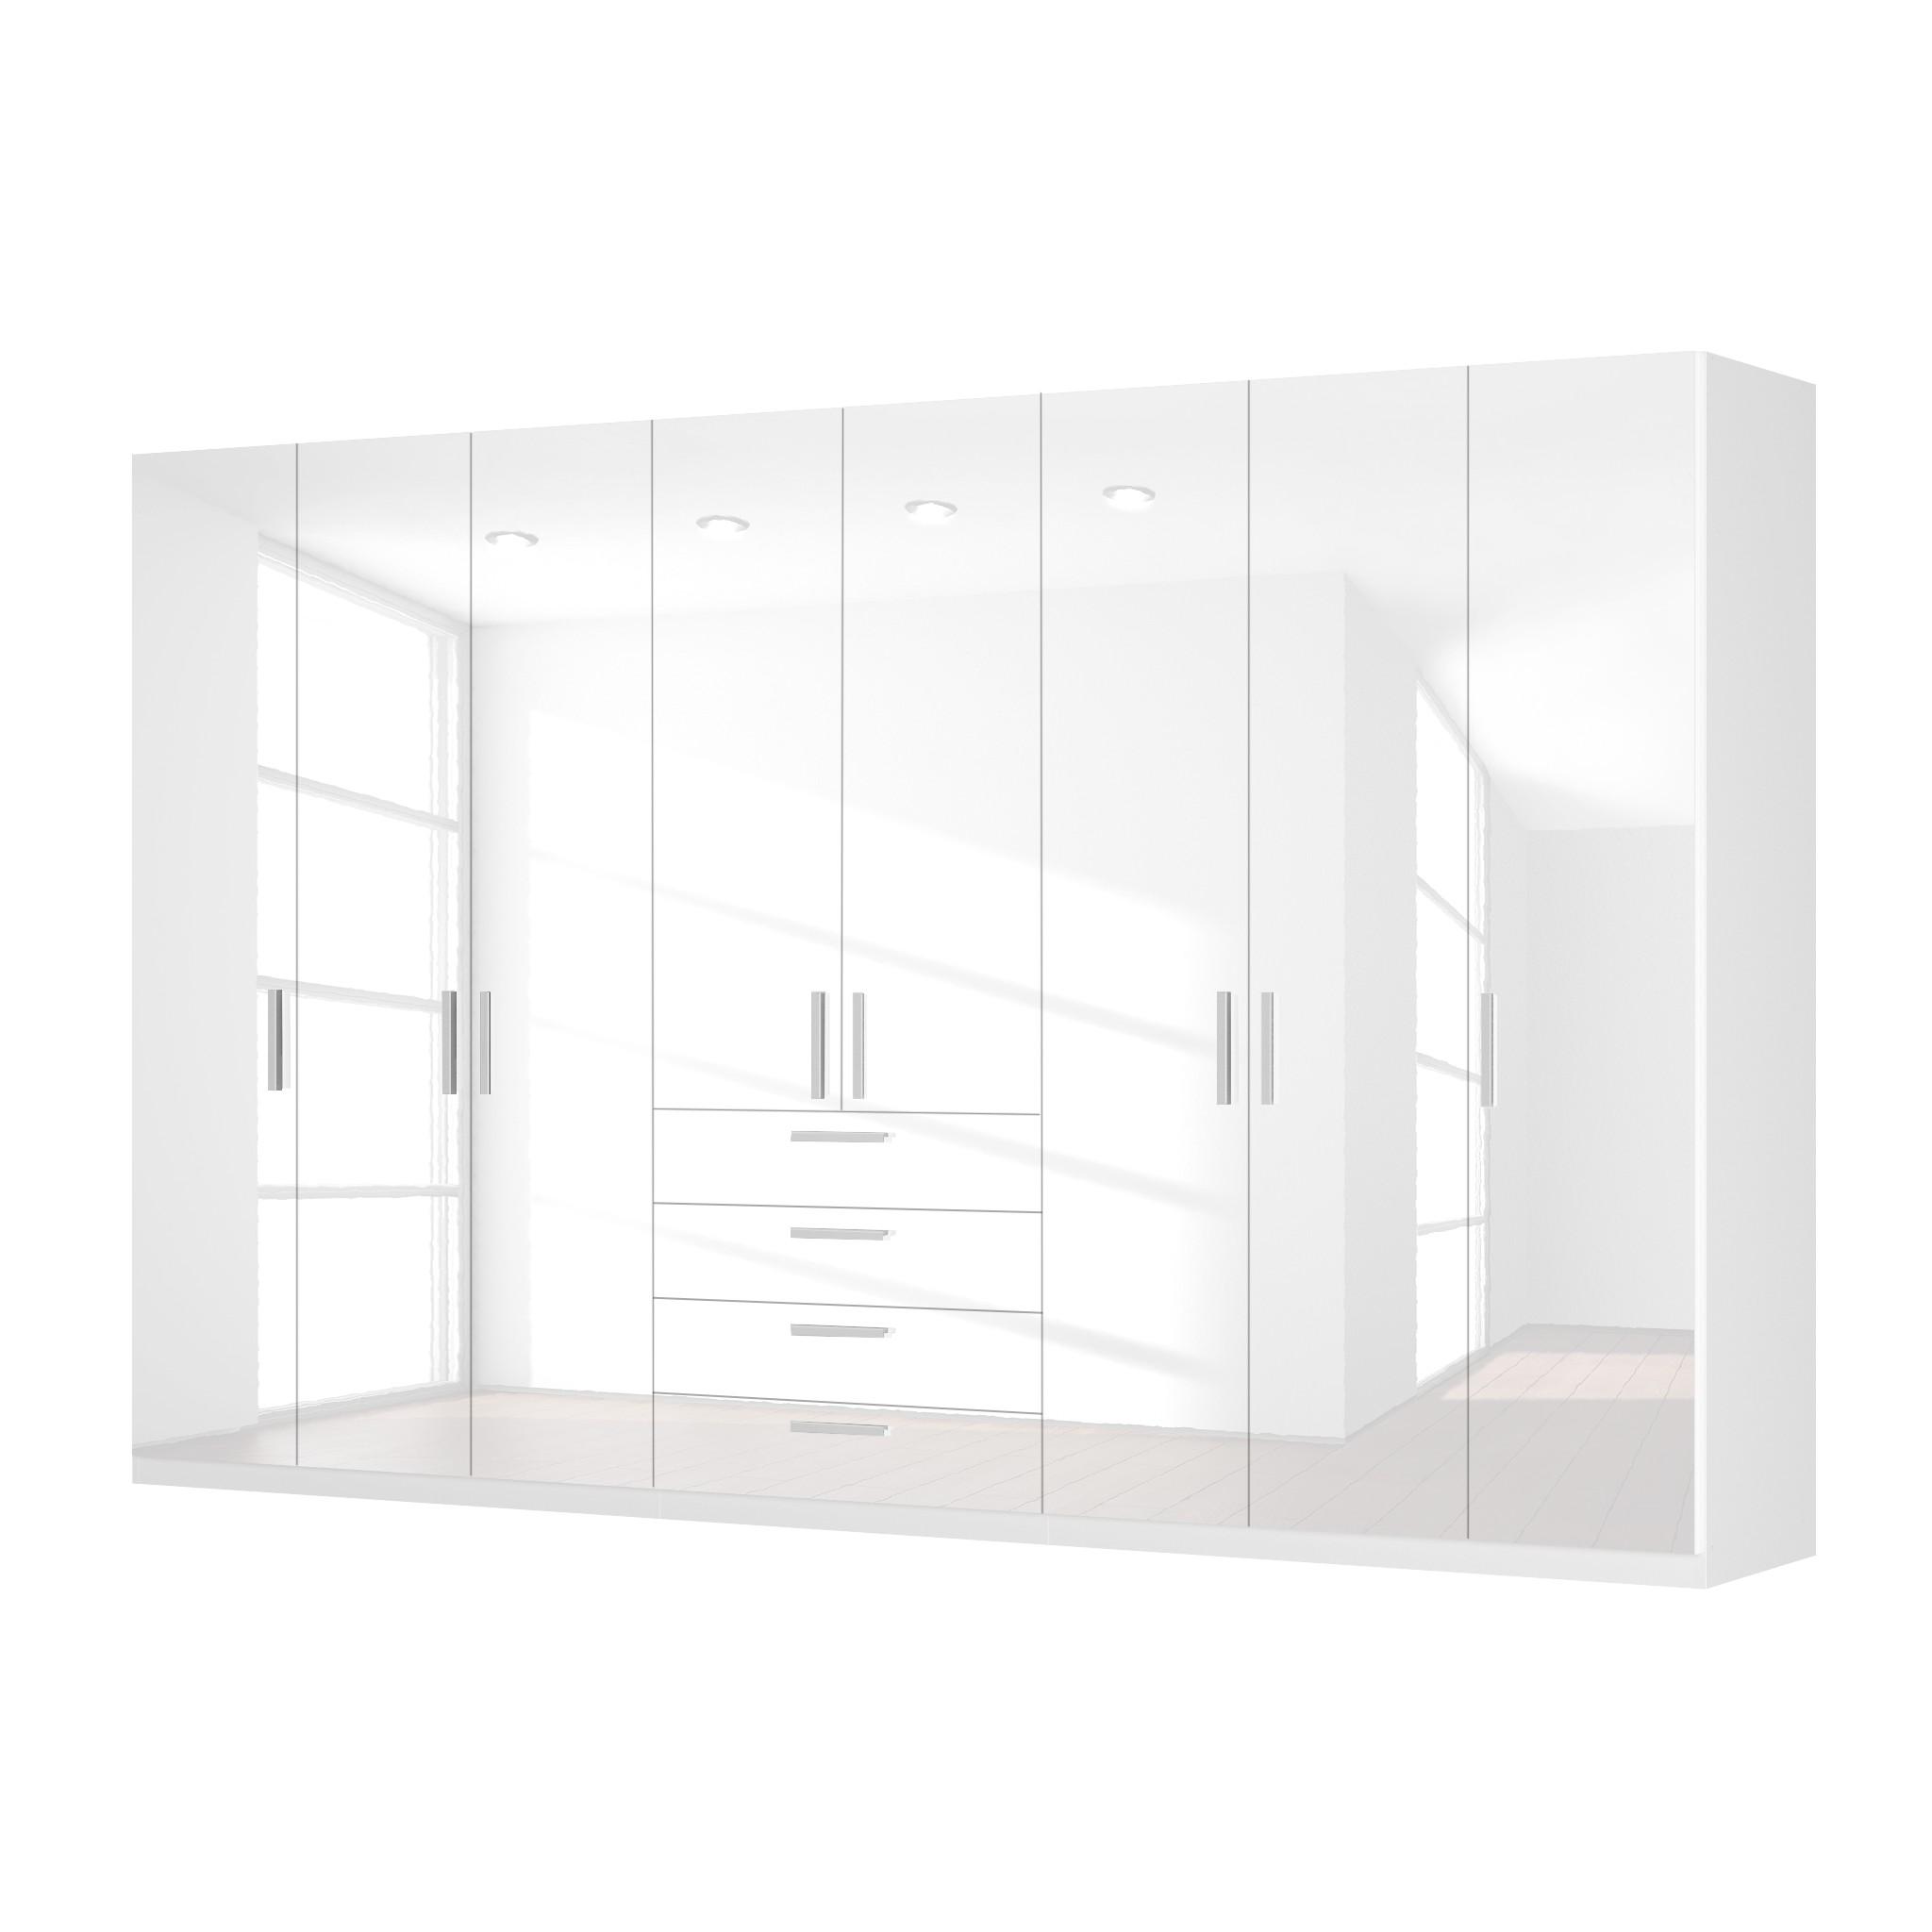 goedkoop Draaideurkast Skøp II hoogglans wit 360cm 8 deurs 222cm Premium Skop